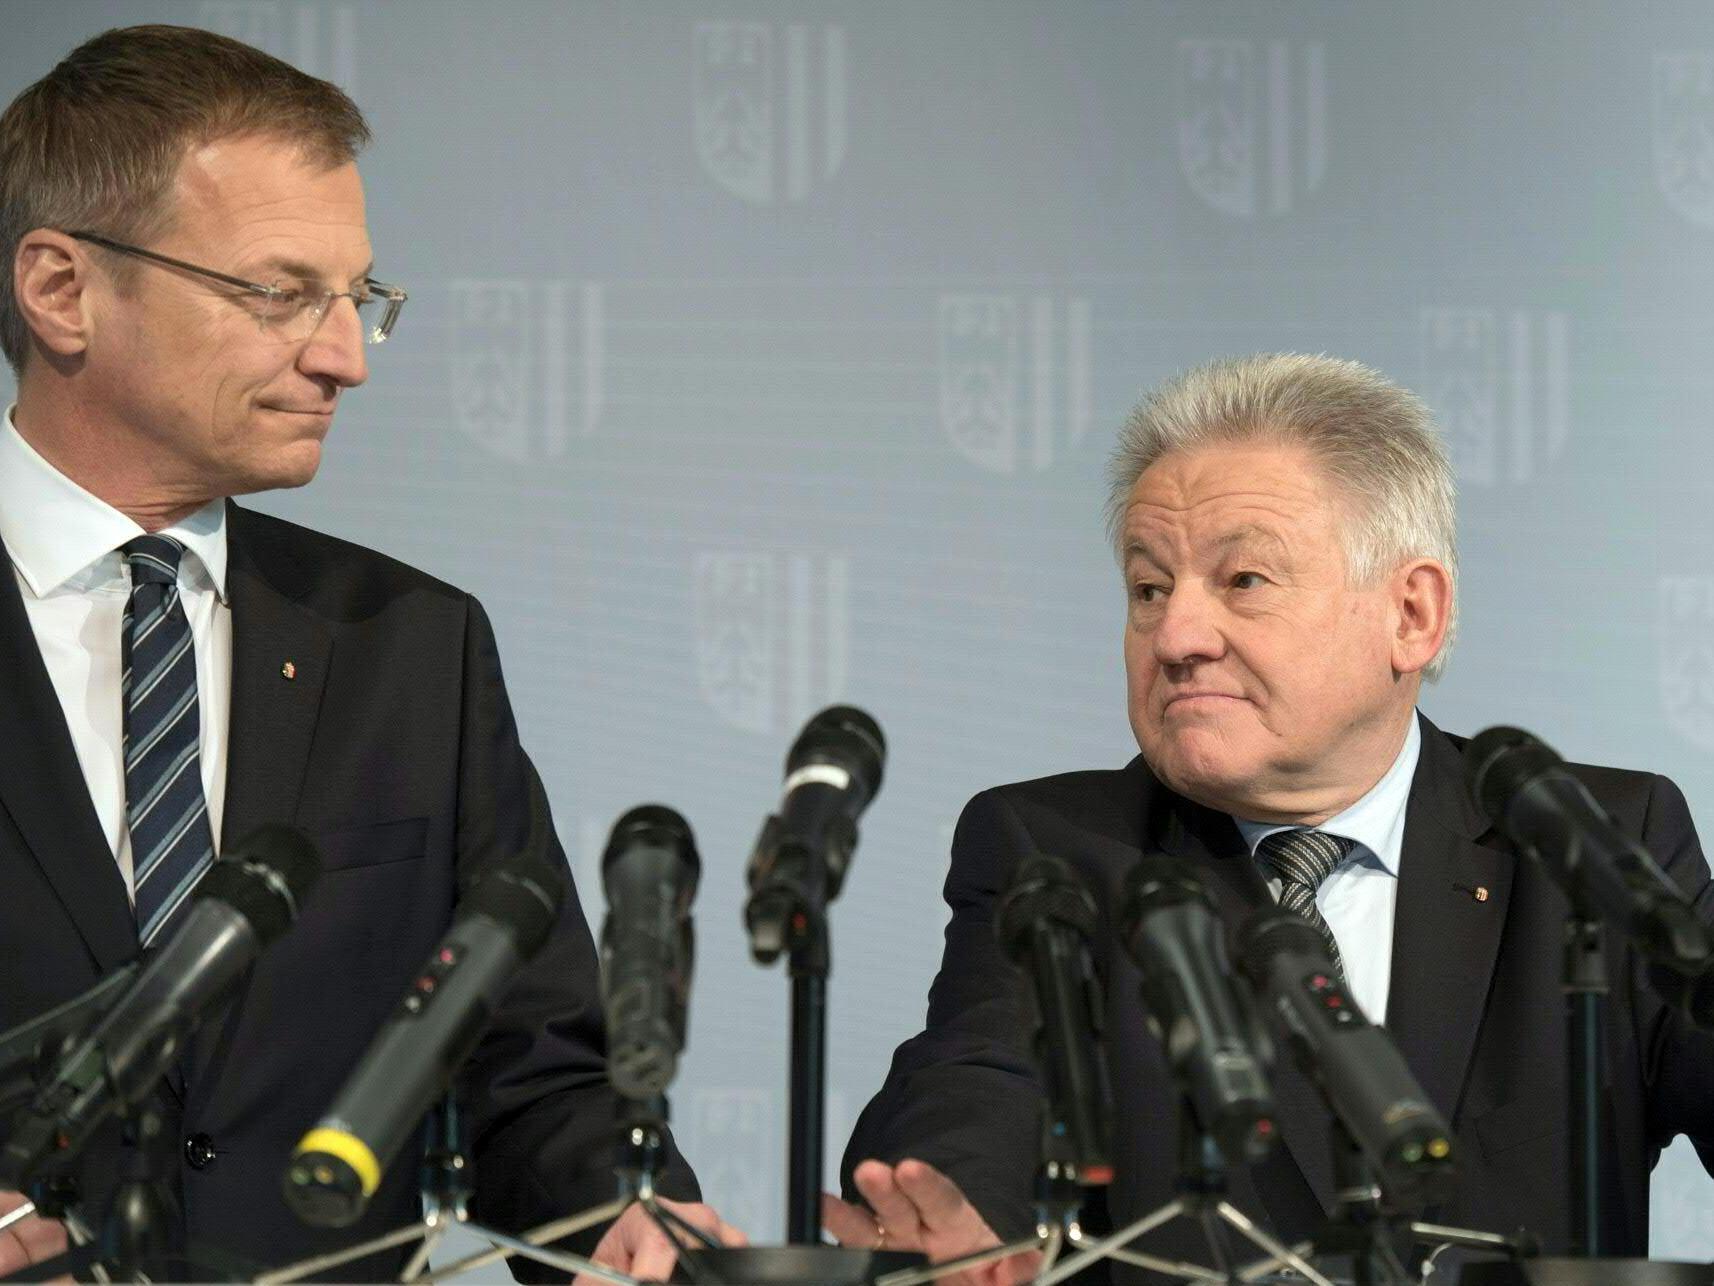 Der Rücktritt von Oberösterreichs Landeshauptmann Josef Püringer war eines der meist diskutiertesten Themen dieser Woche.